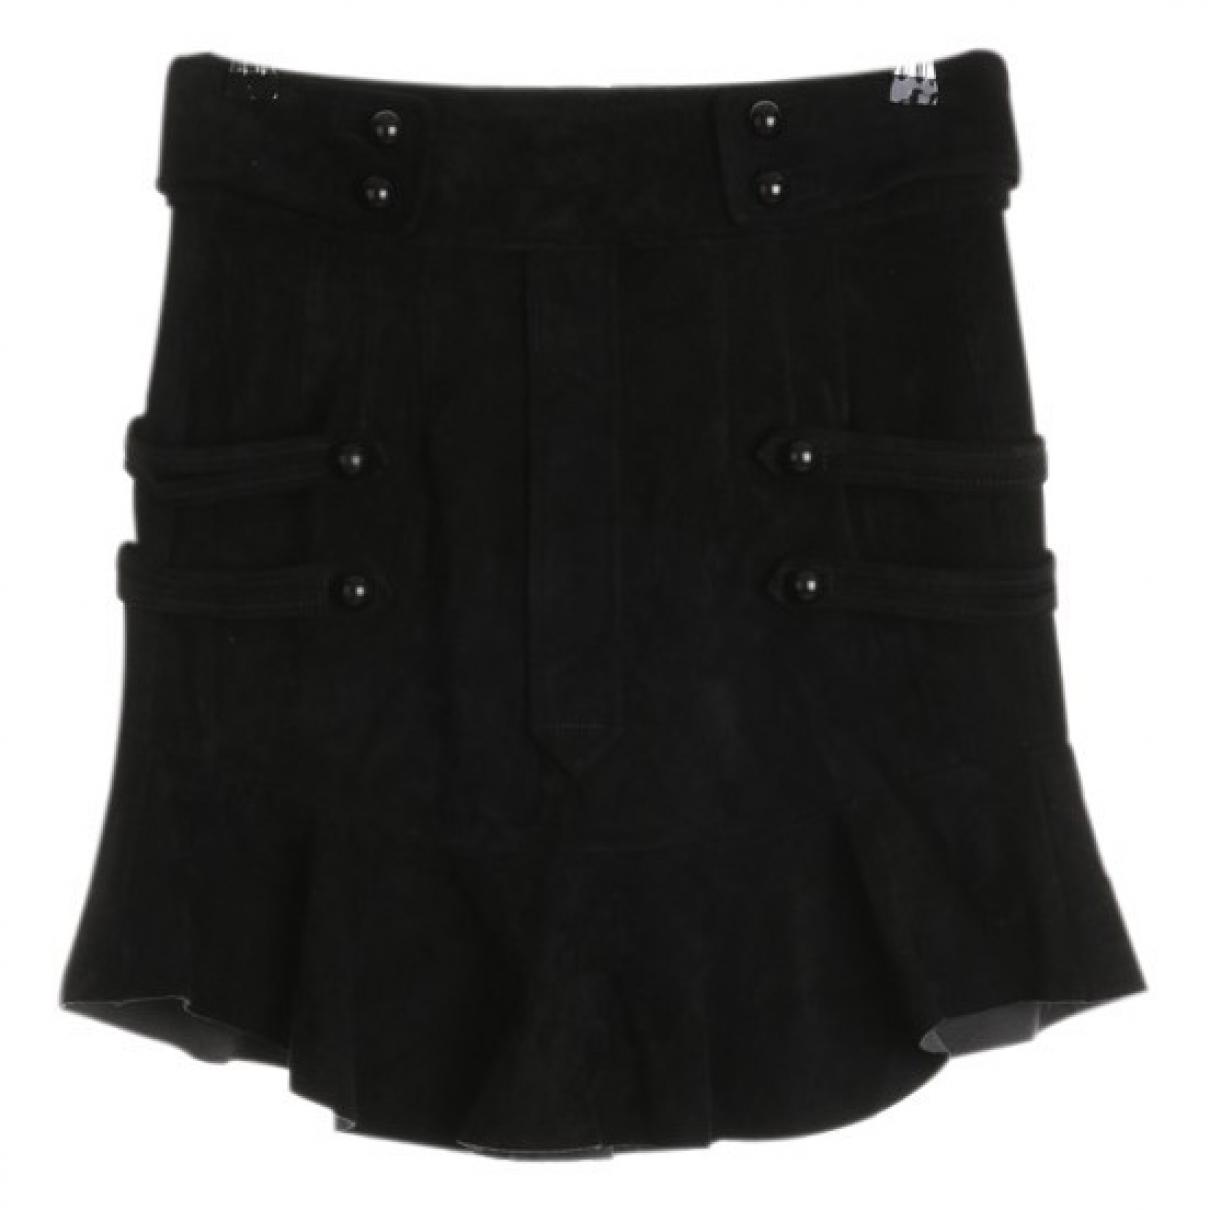 Isabel Marant \N Black Suede skirt for Women 34 FR